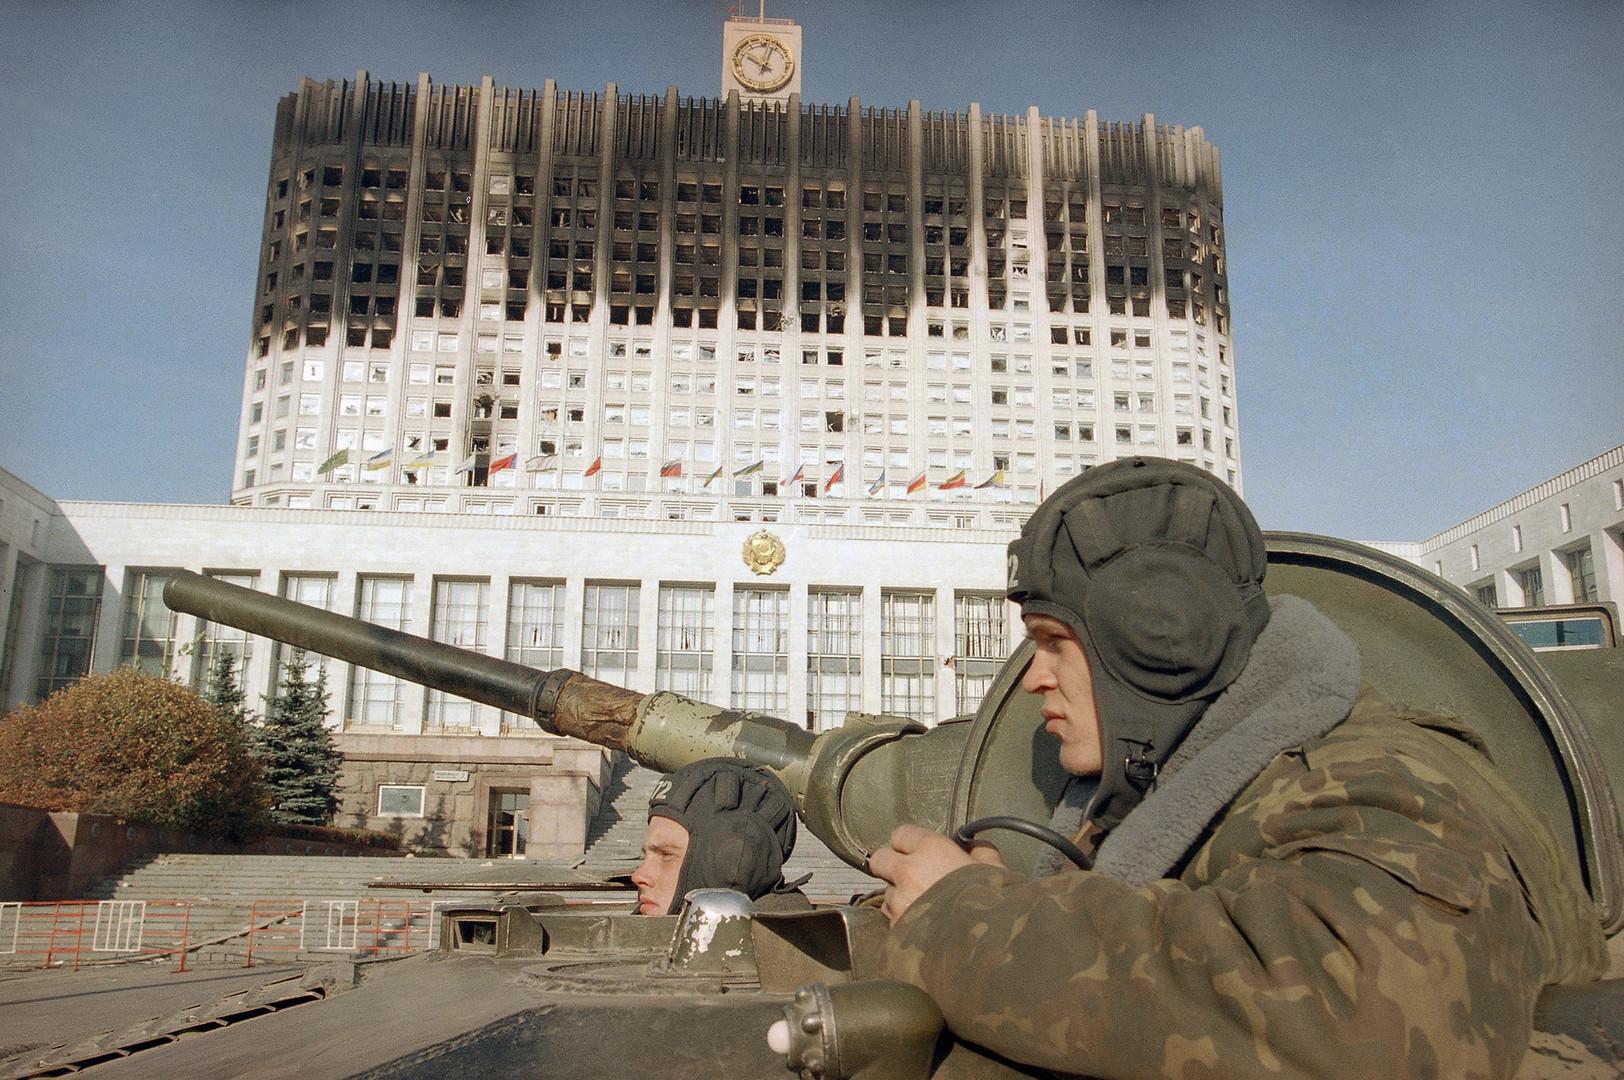 Руски војници у тенку испред зграде руског парламента у Москви. 6. октобар 1993.